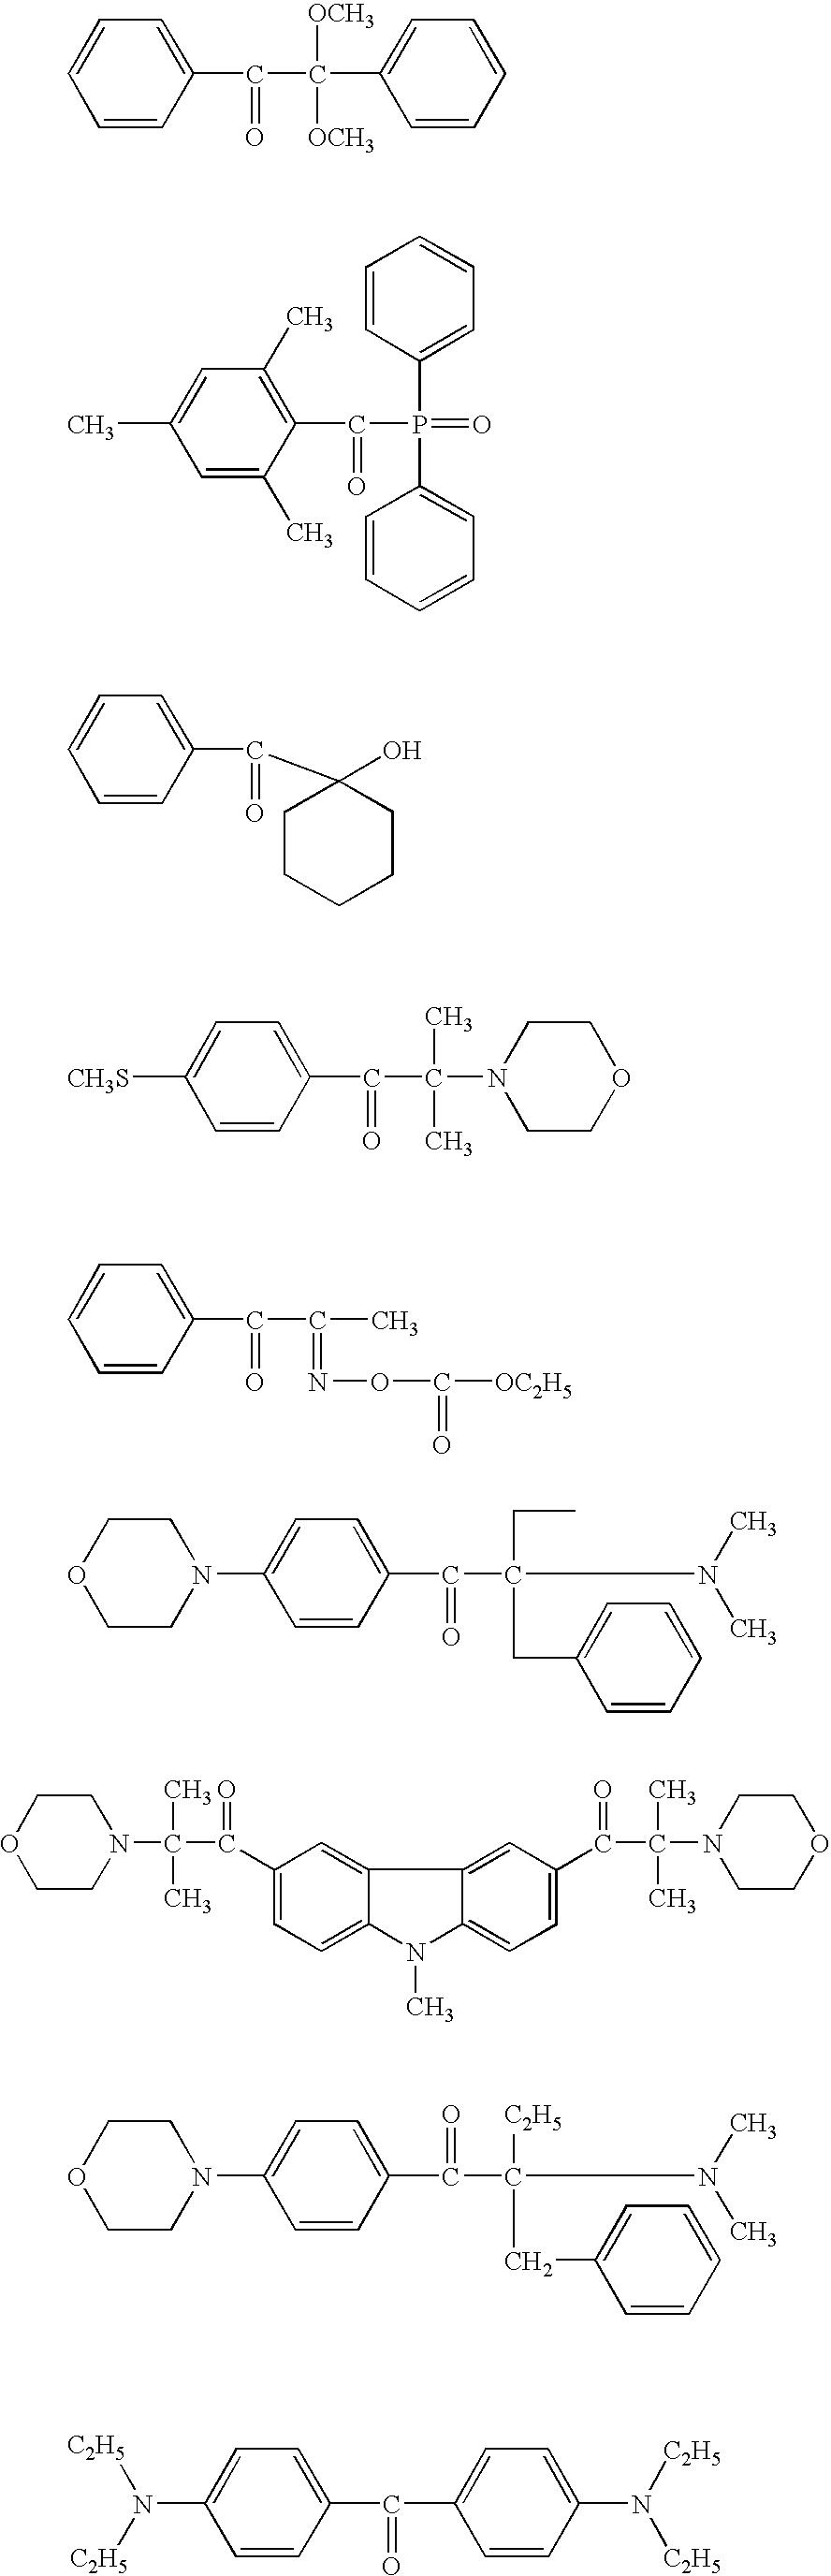 Figure US20070225404A1-20070927-C00003